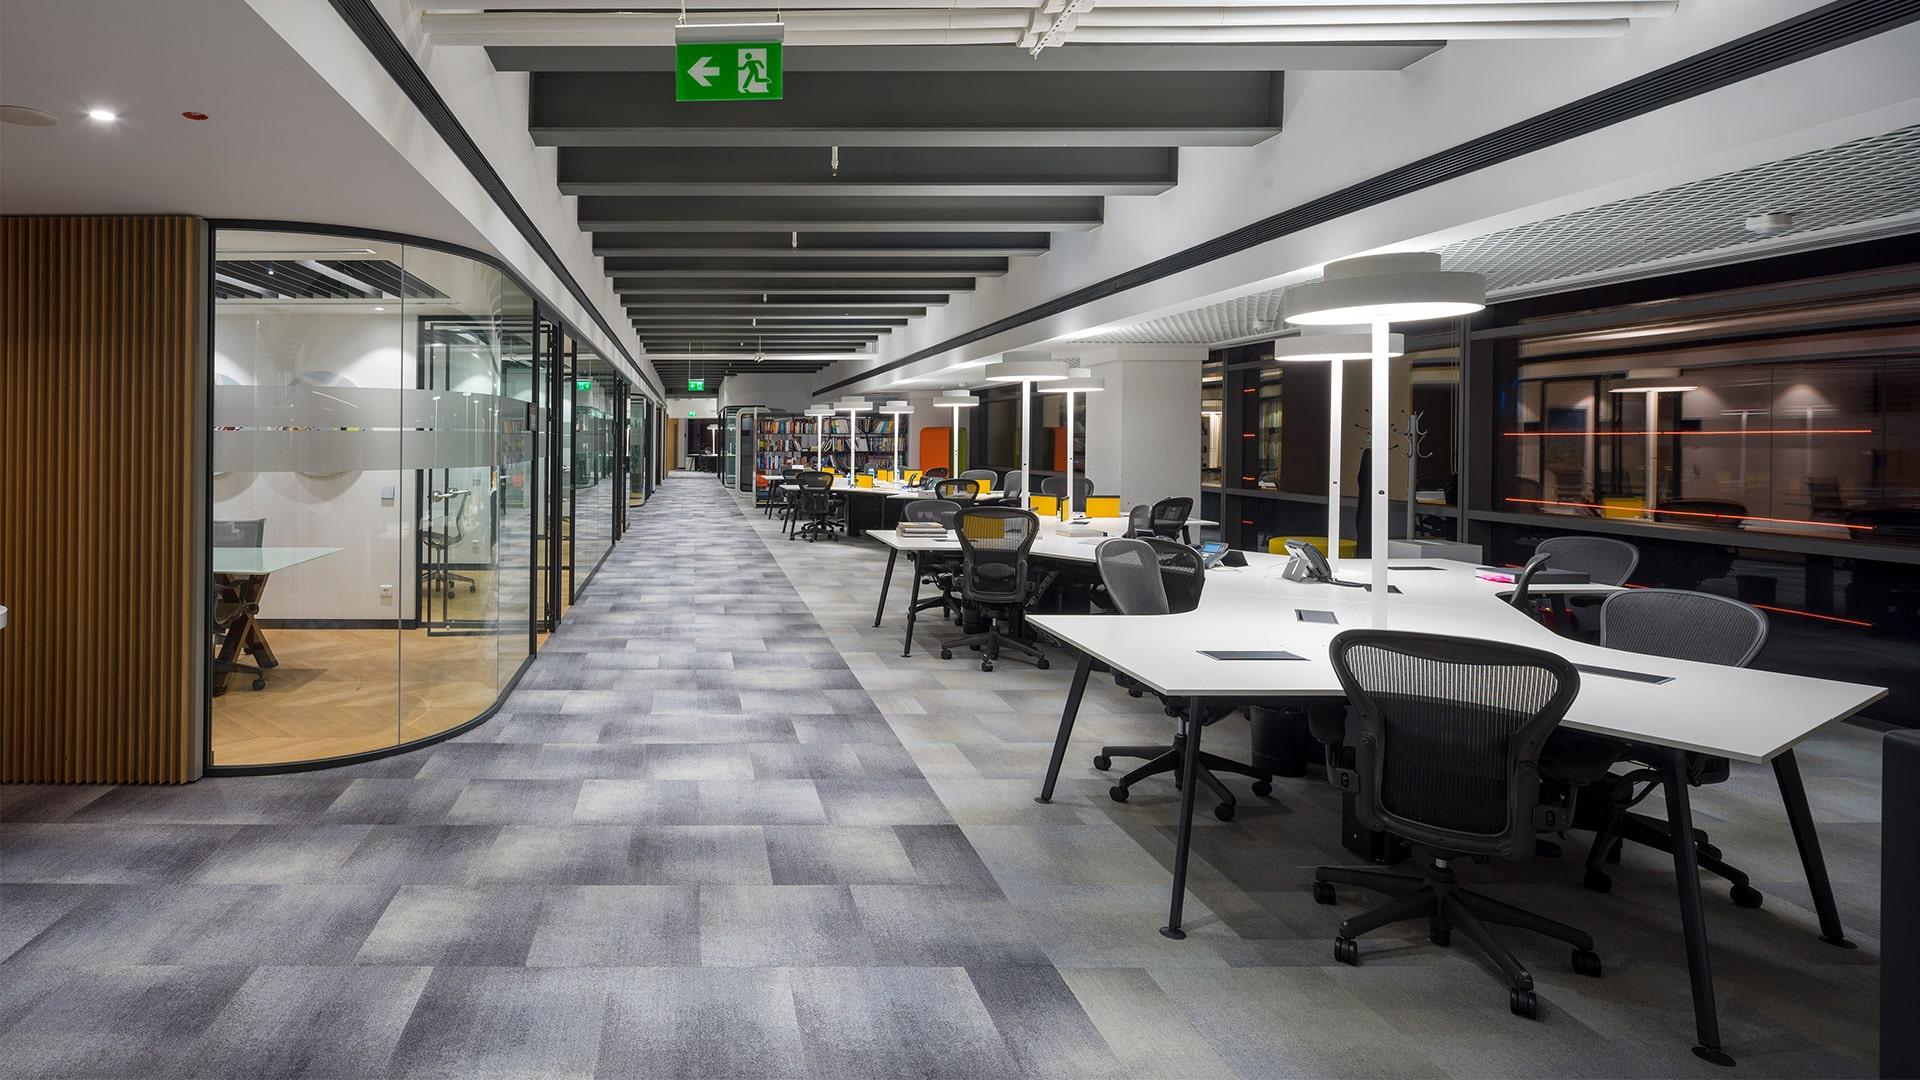 ofis temizliginde dikkat edilmesi gerekenler nedir